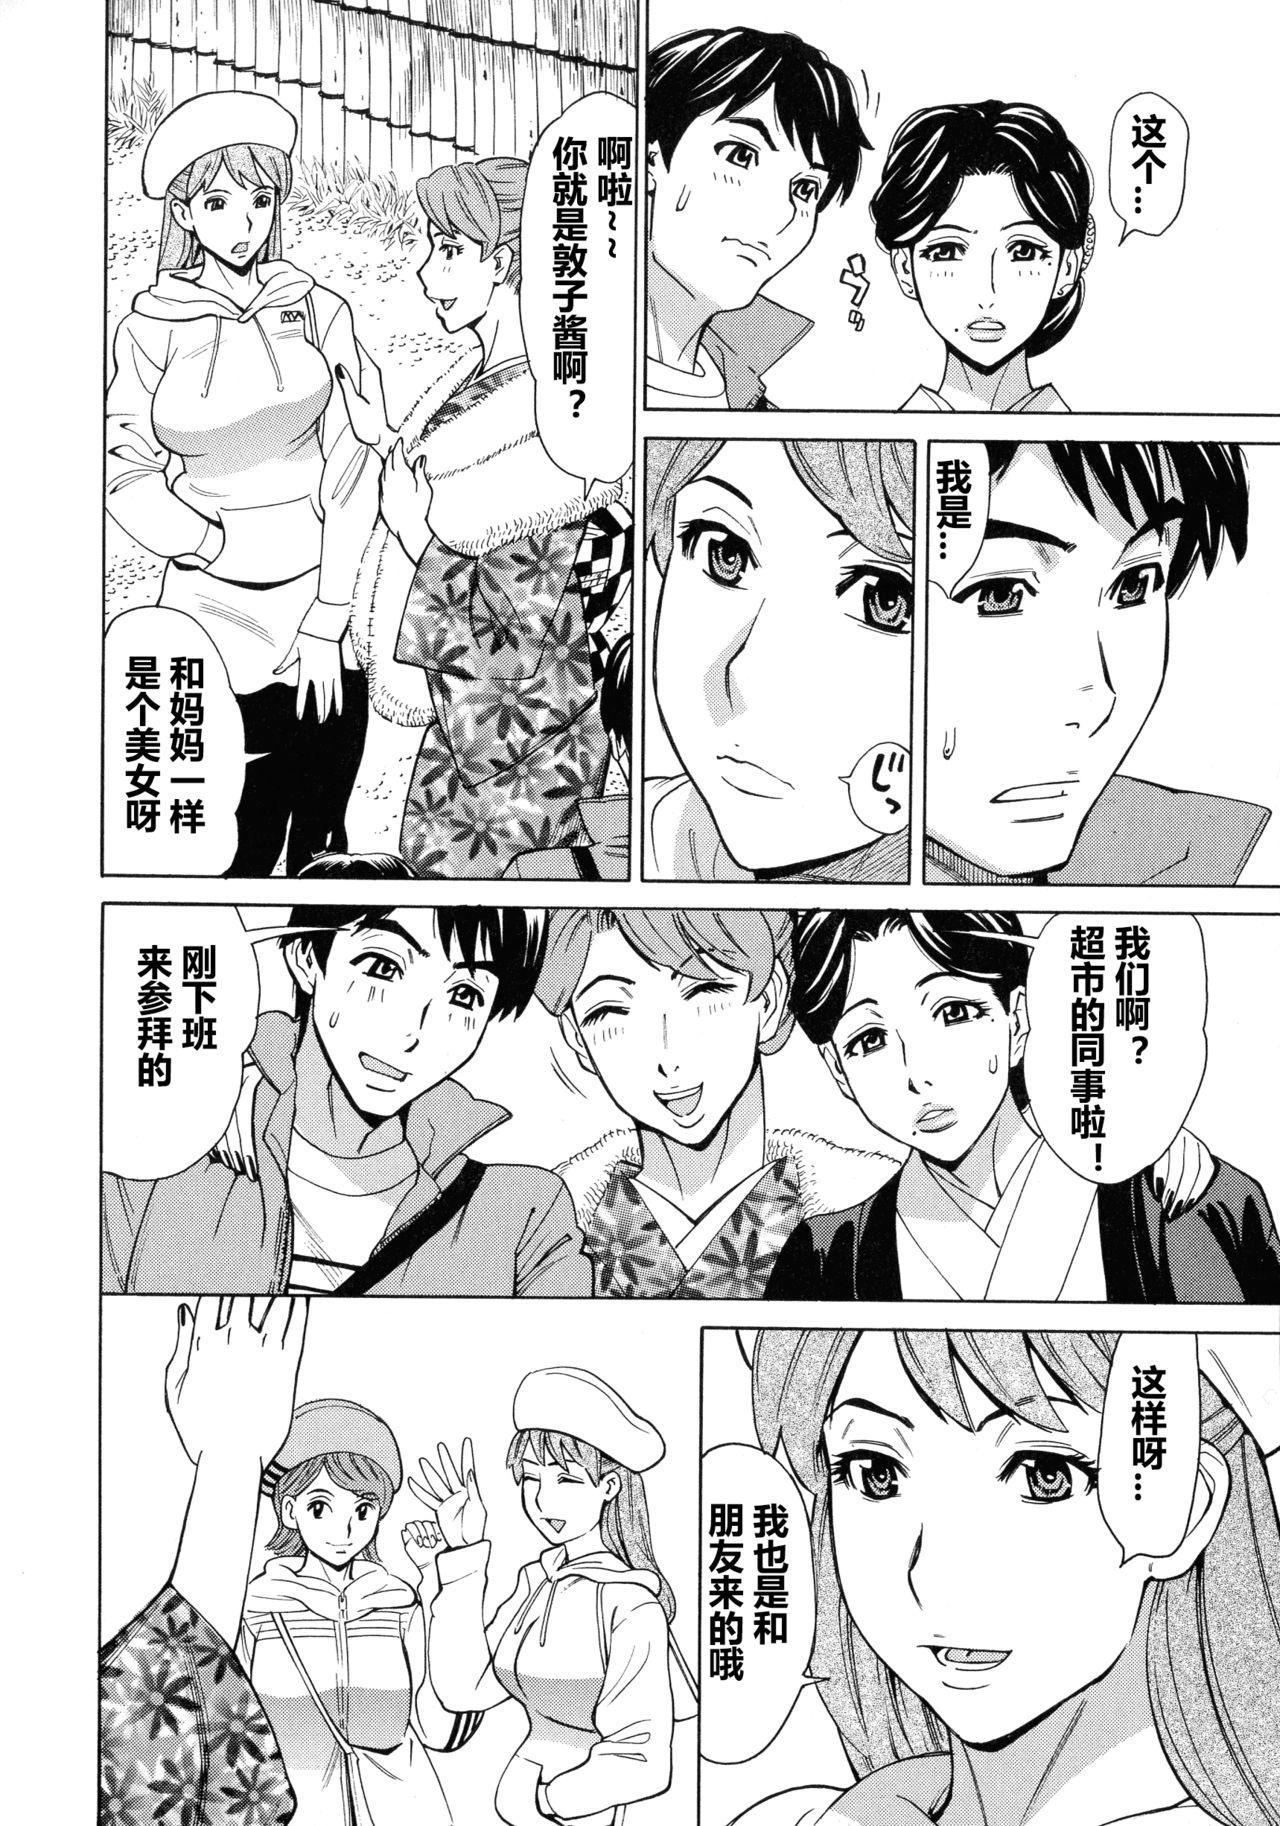 Hitozuma Koi Hanabi ~ Hajimete no Furin ga 3P ni Itaru made .04(chinese)【每天一发的个人汉化】 3